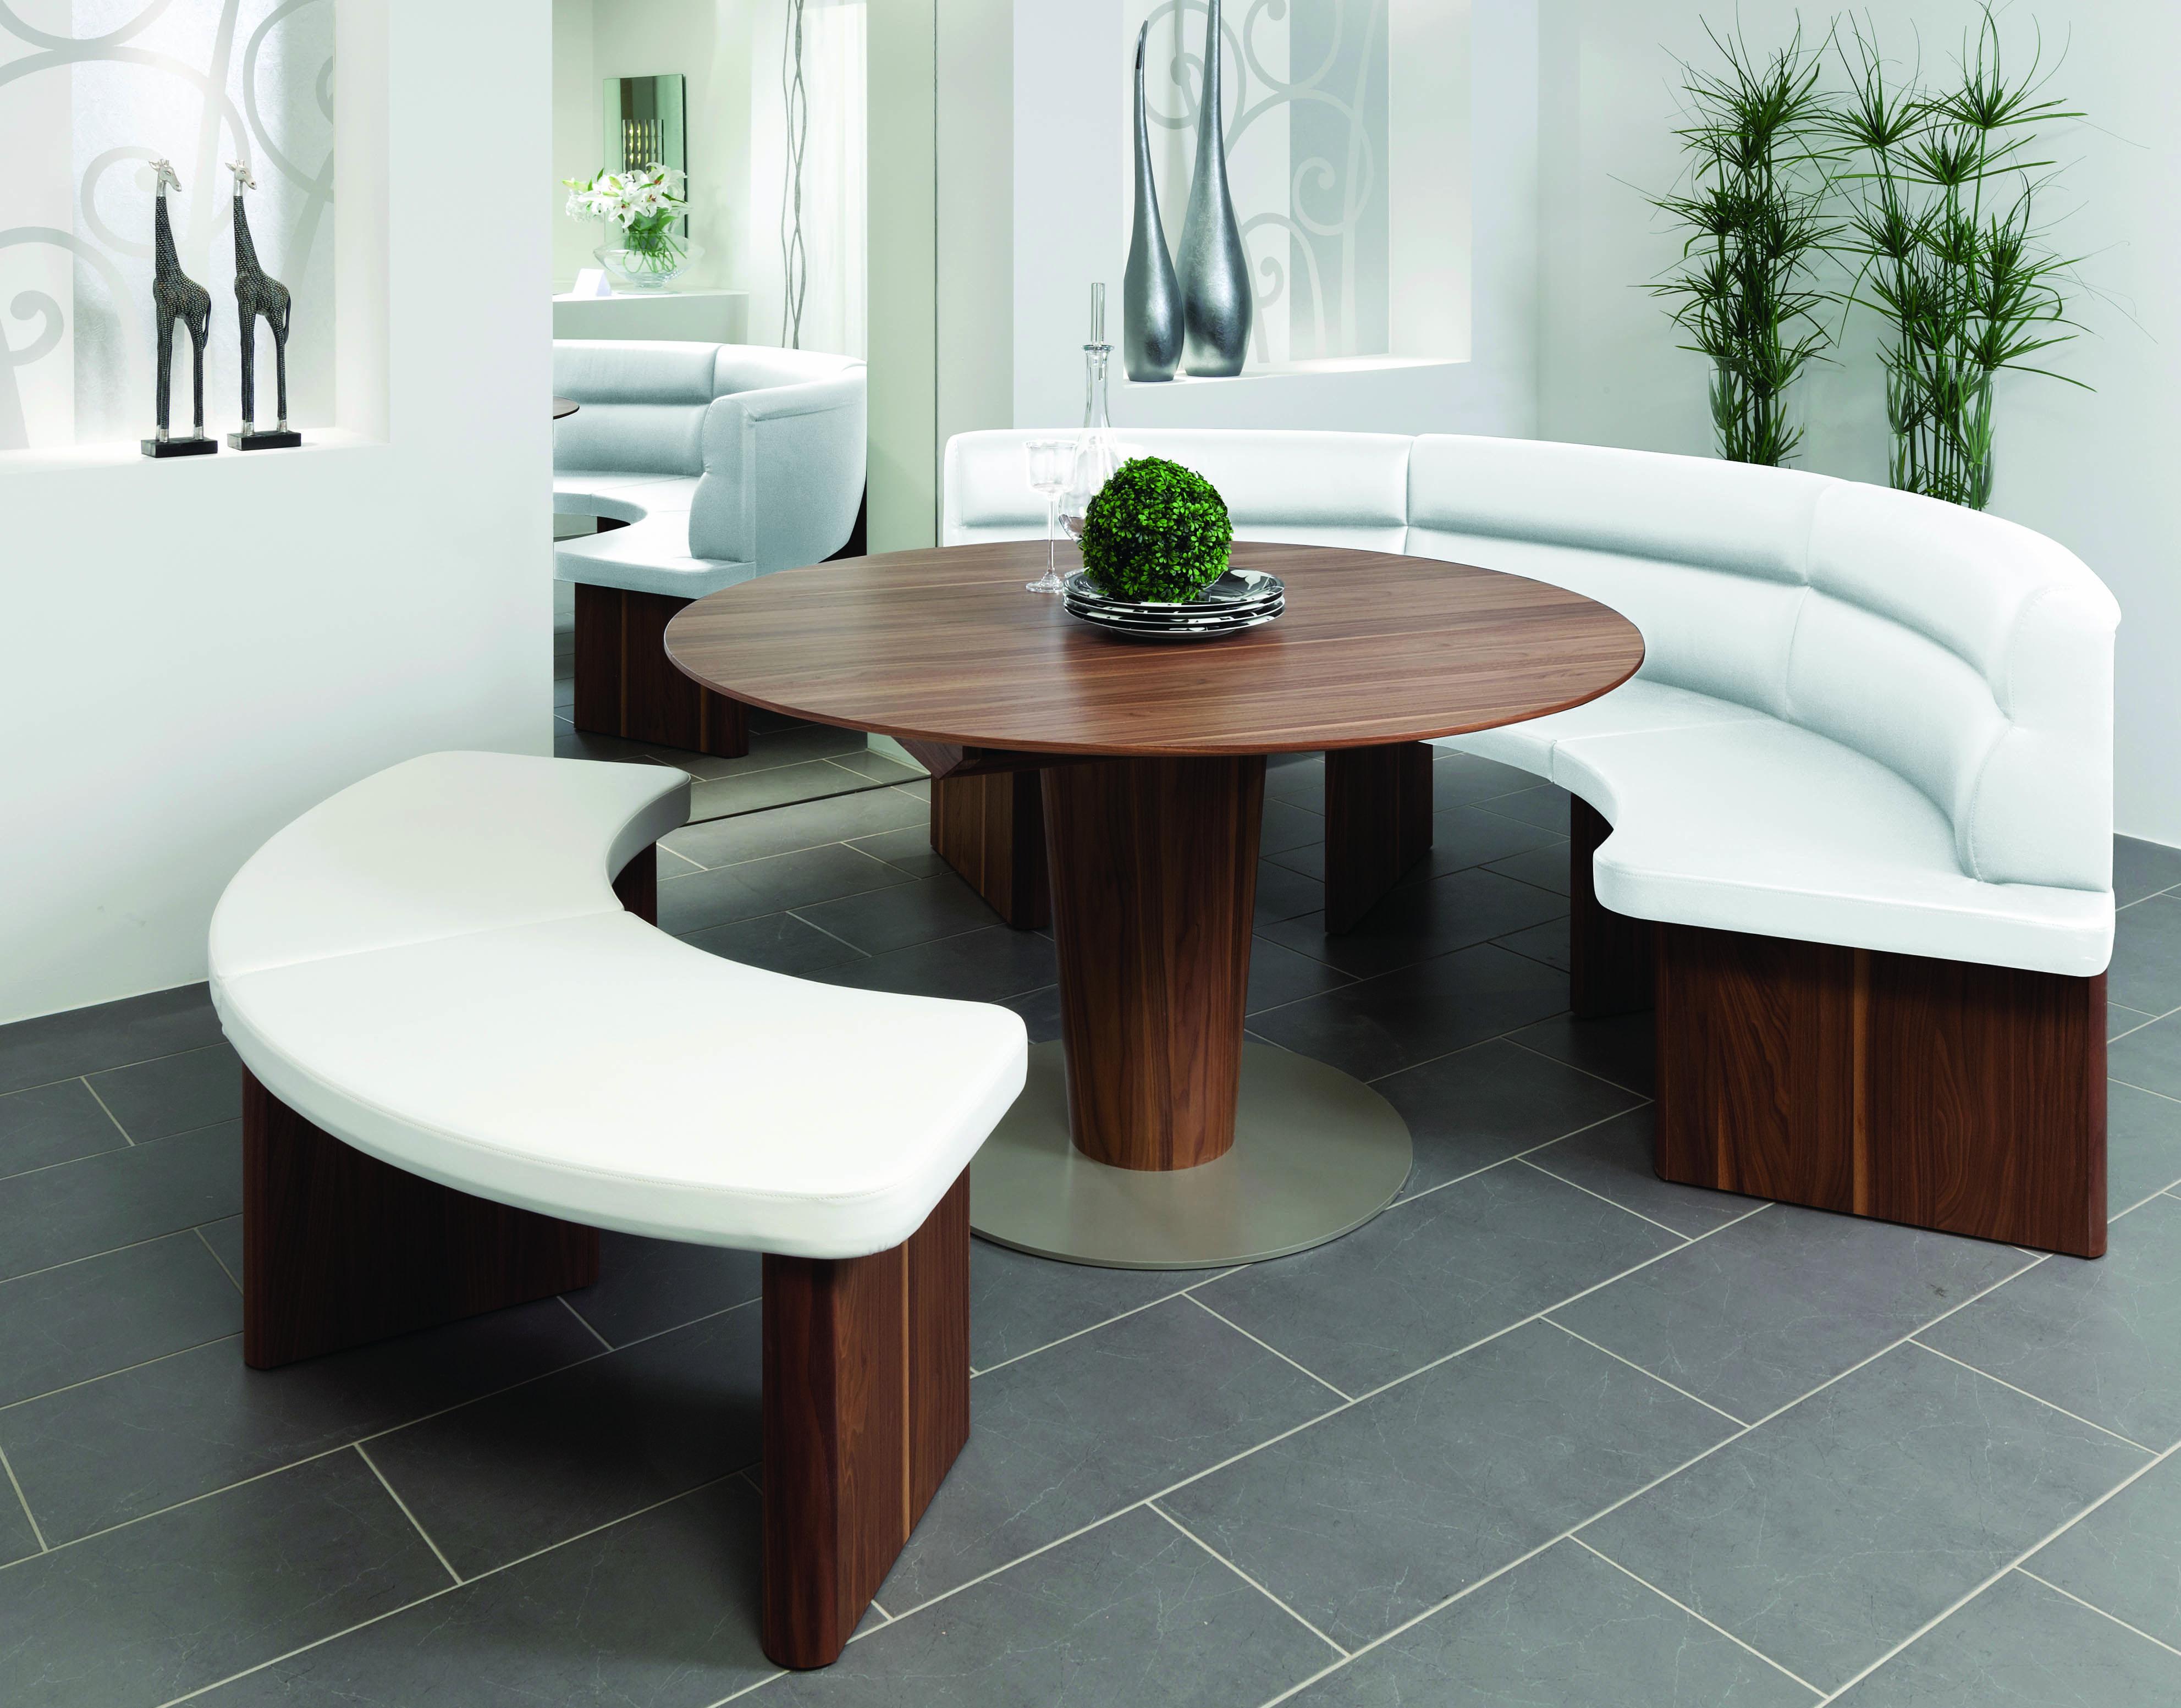 WÖSSNER 17 Elm 17 This Rundbank dining table has a high